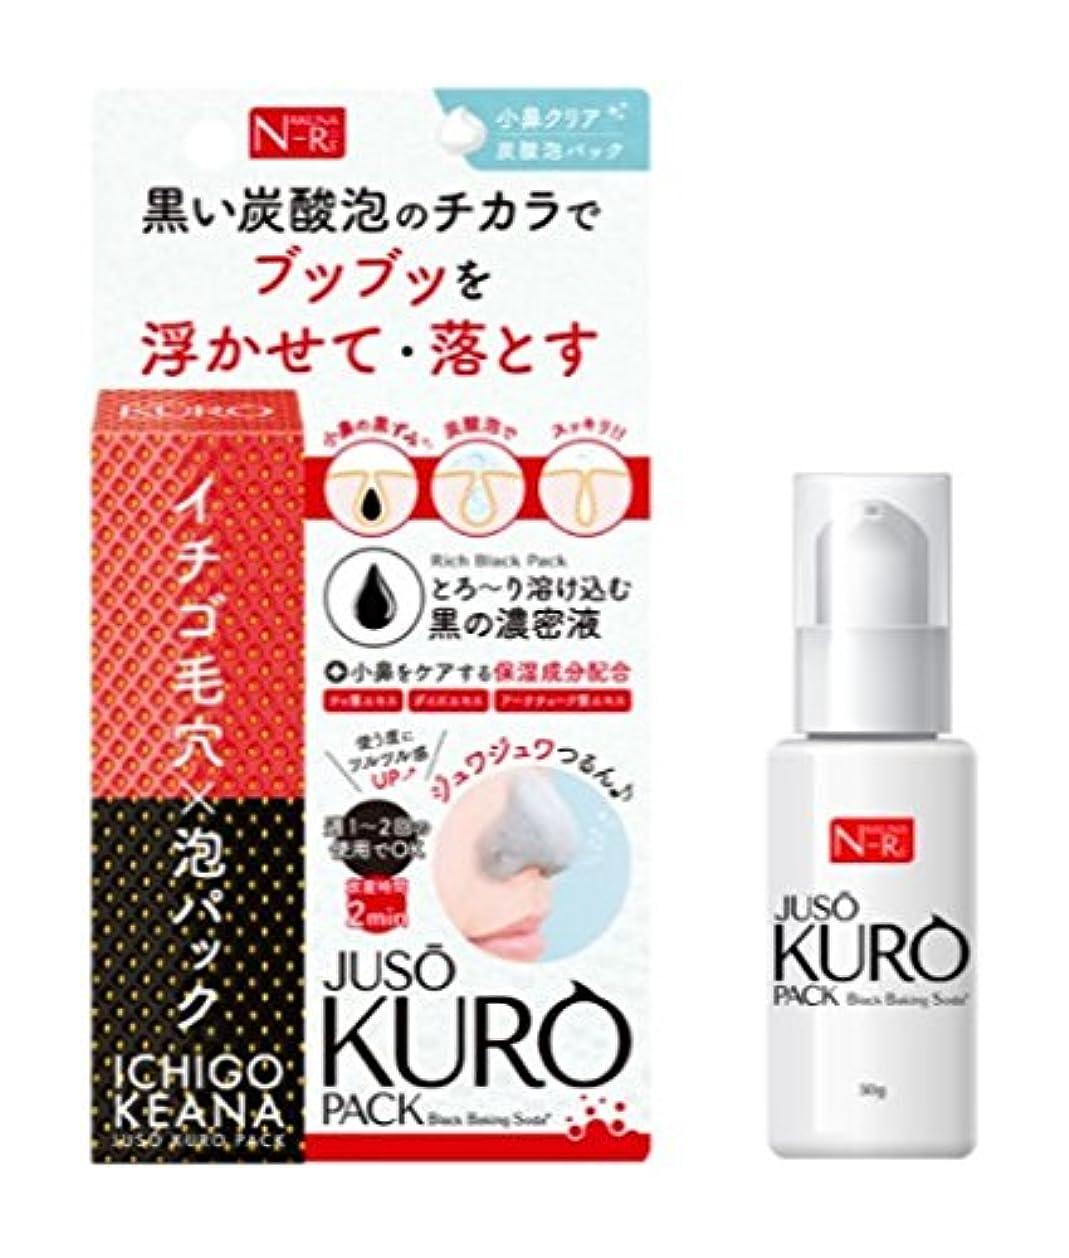 援助するエクステント健全JUSO KURO PACK